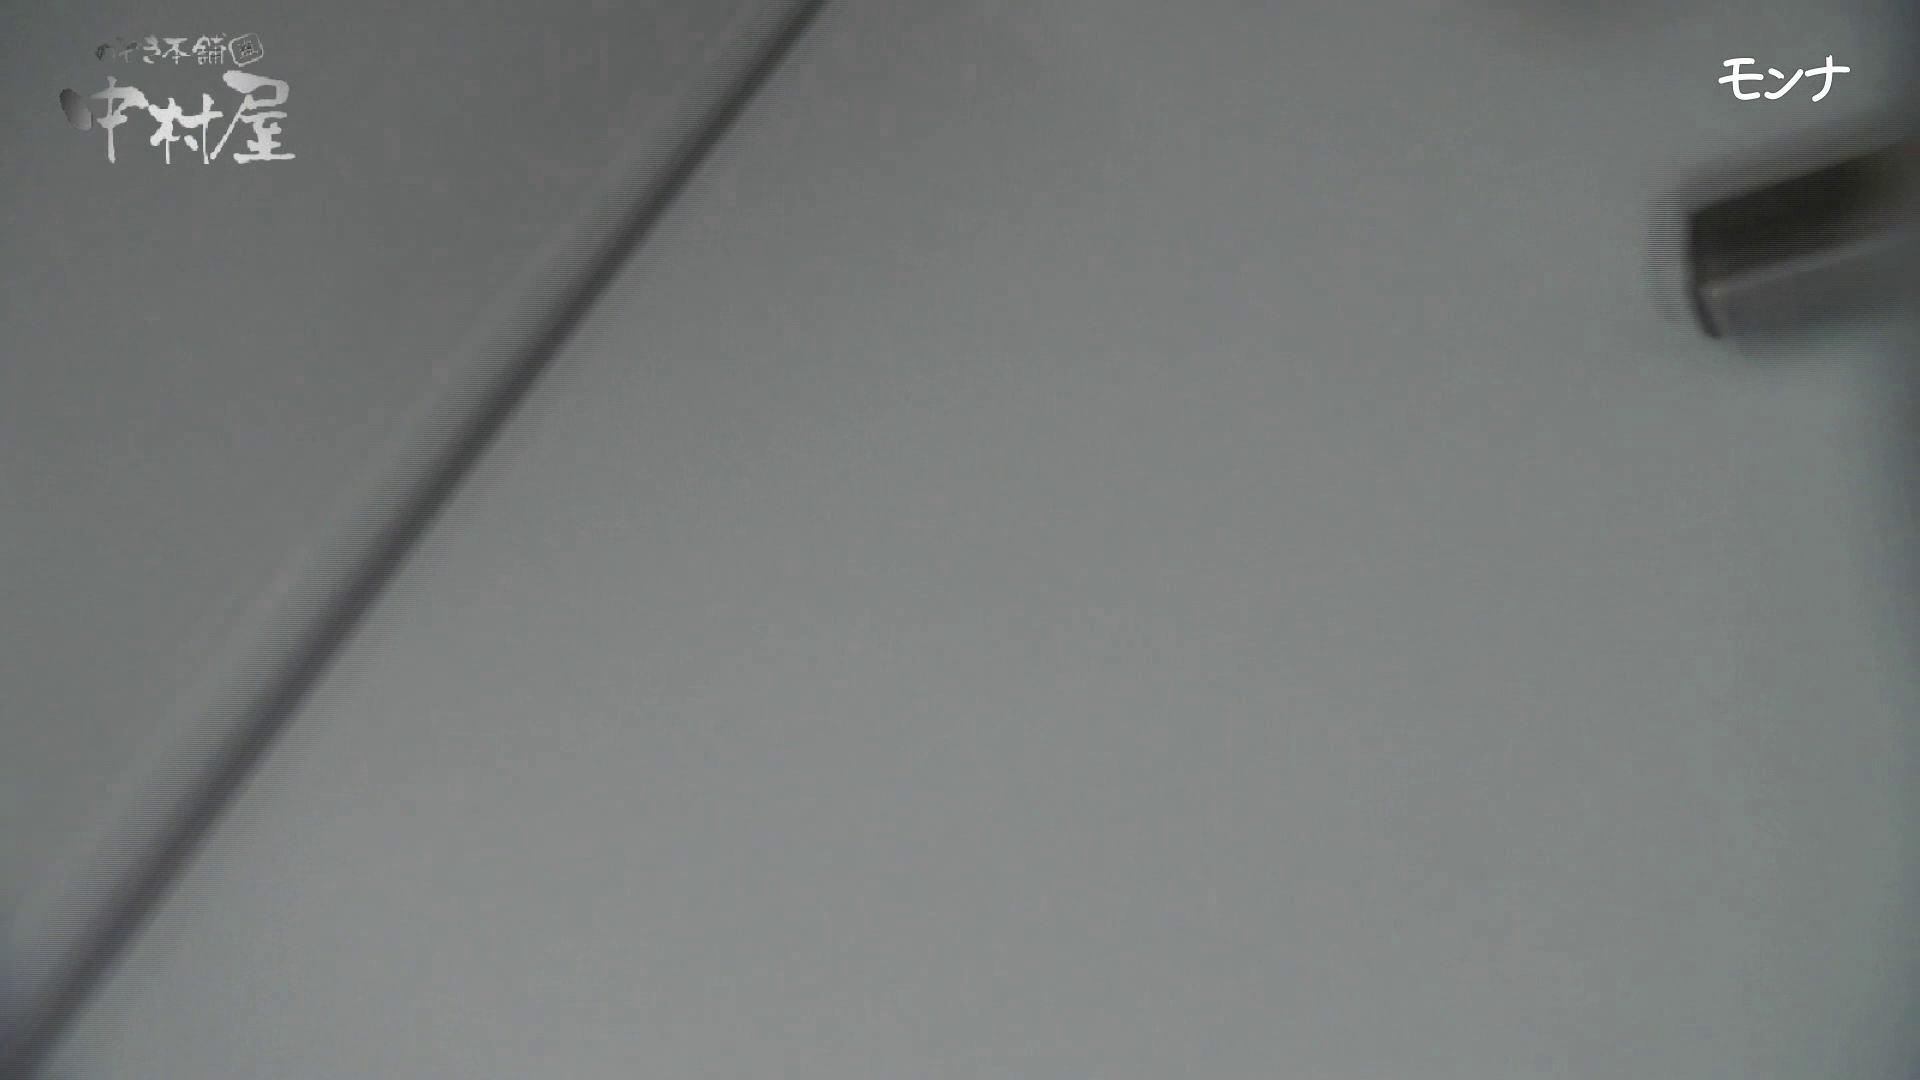 美しい日本の未来 No.47 冬Ver.進化 細い指でほじくりまくる!前編 盗撮  45連発 15